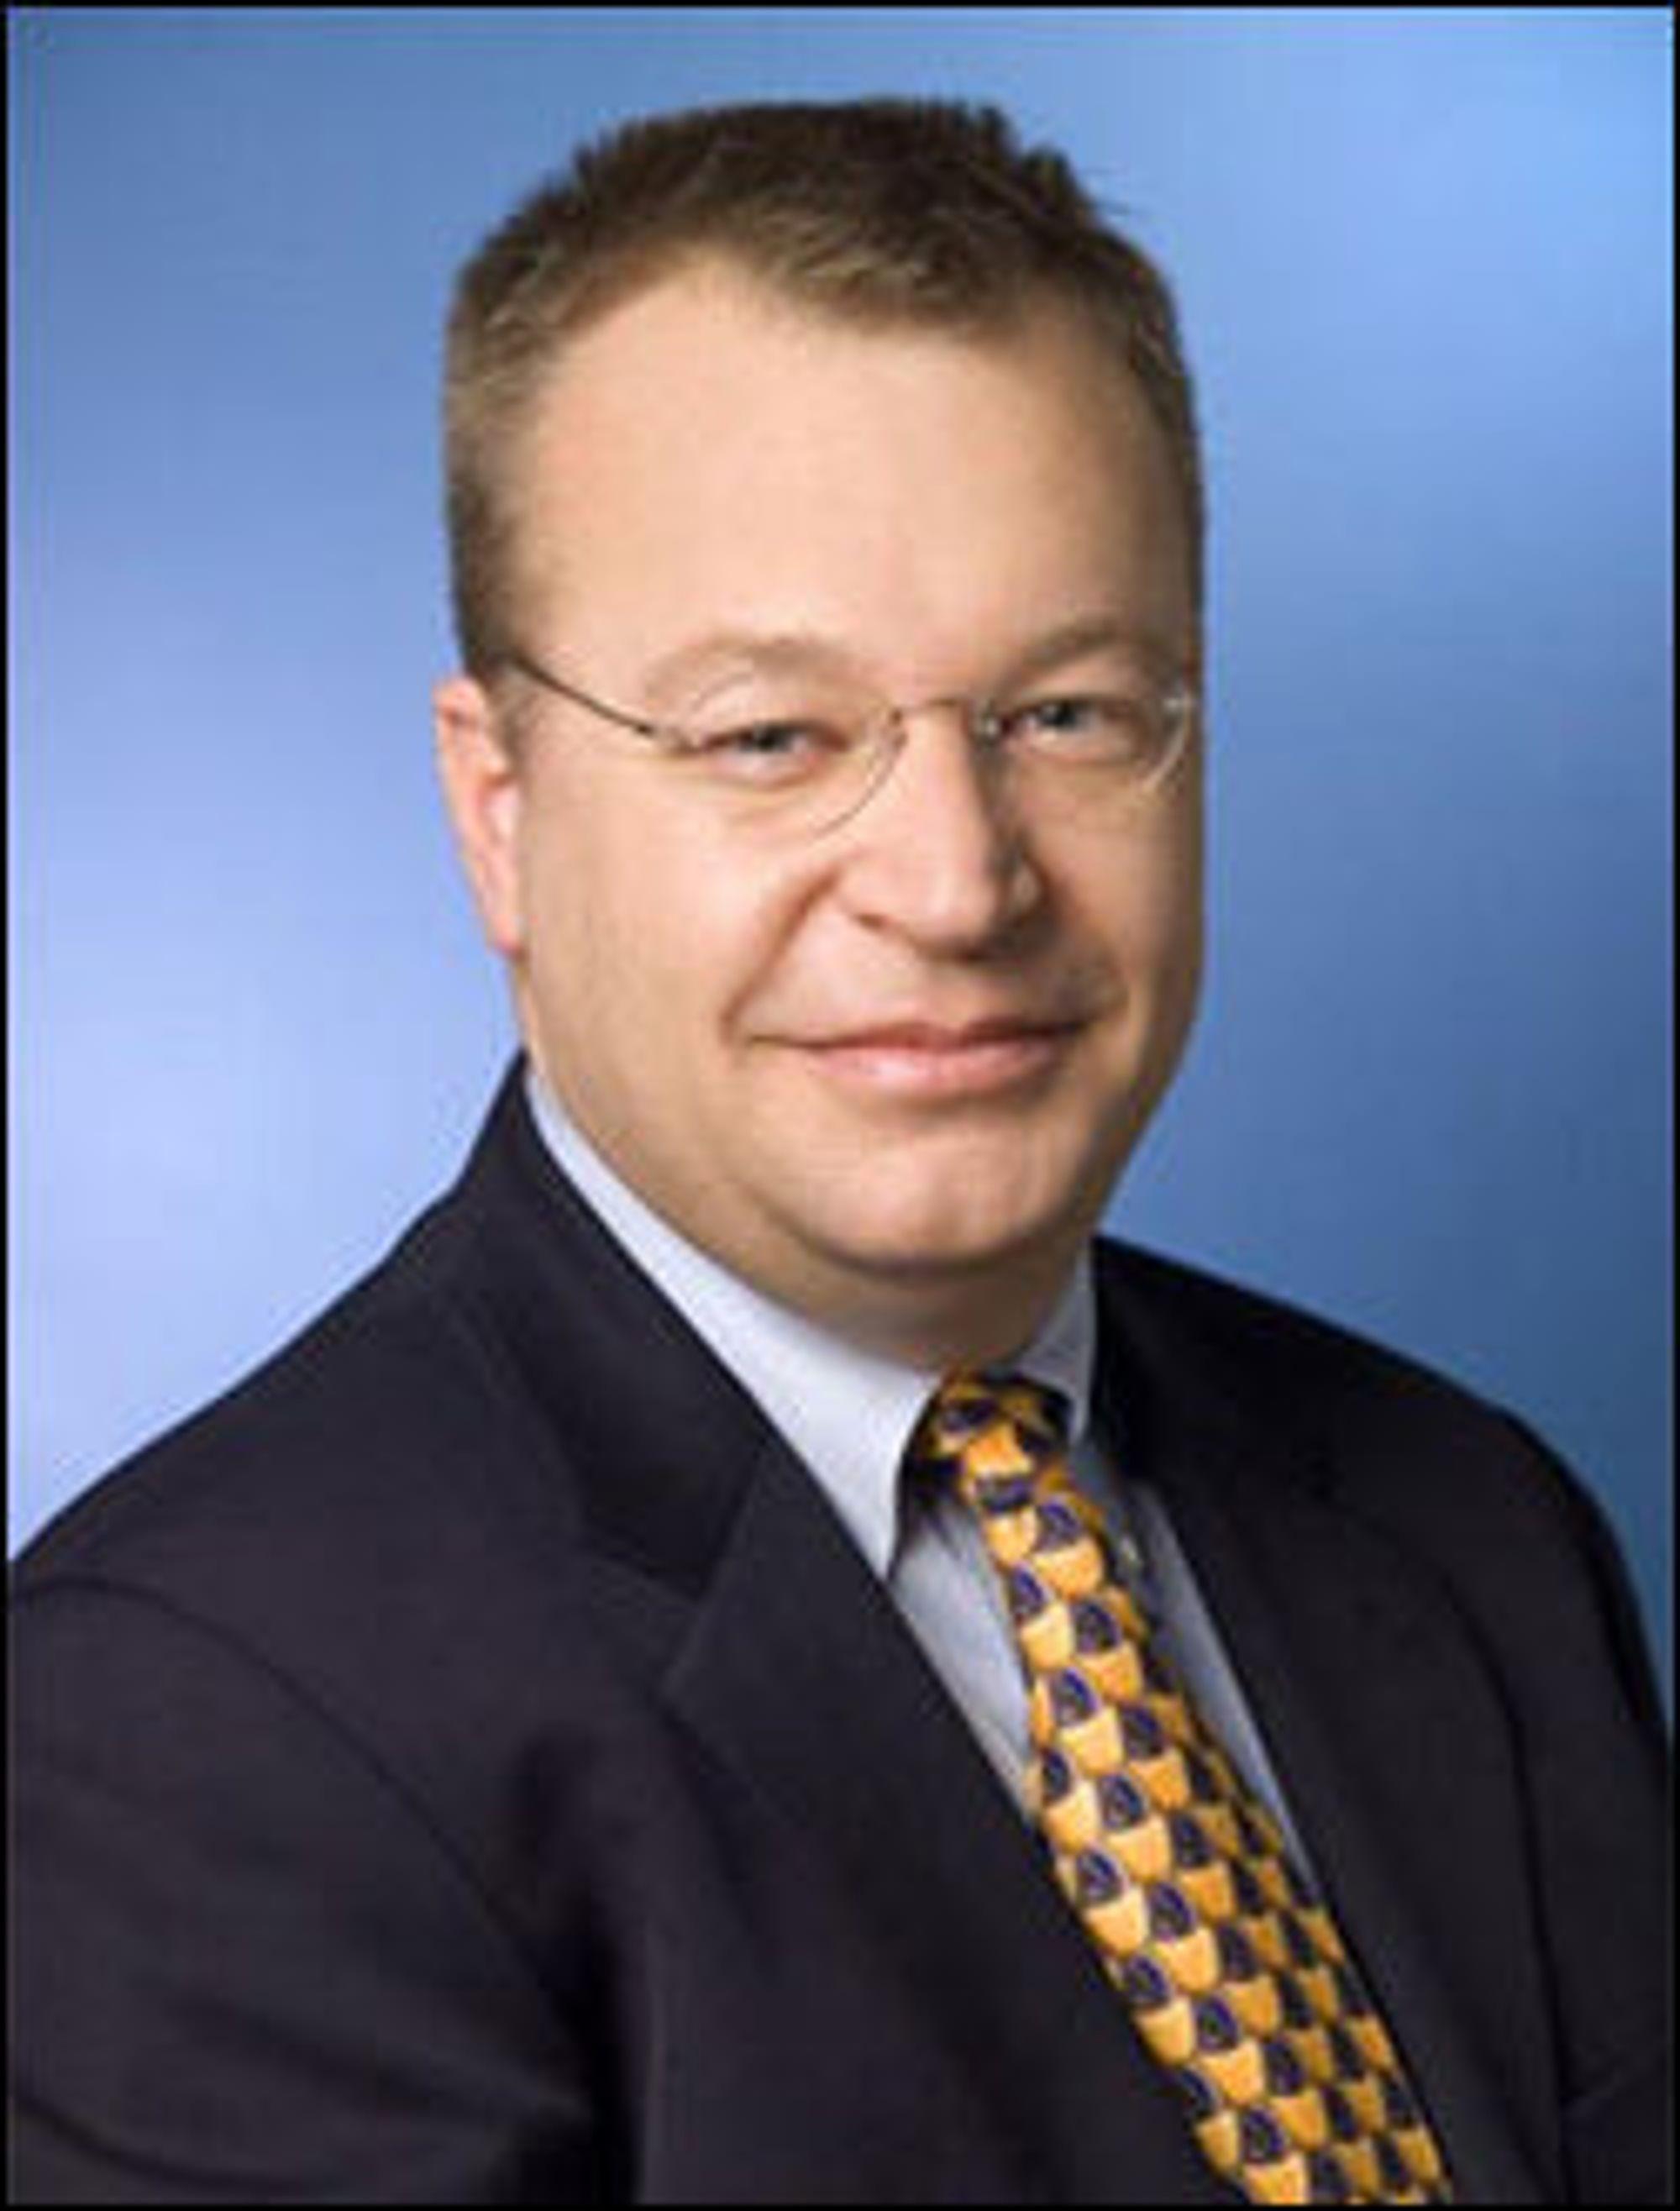 Det er lite sannsynlig at Microsoft-veteran Stephen Elop vil innføre Windows Phone 7 når han overtar som toppsjef i Nokia.